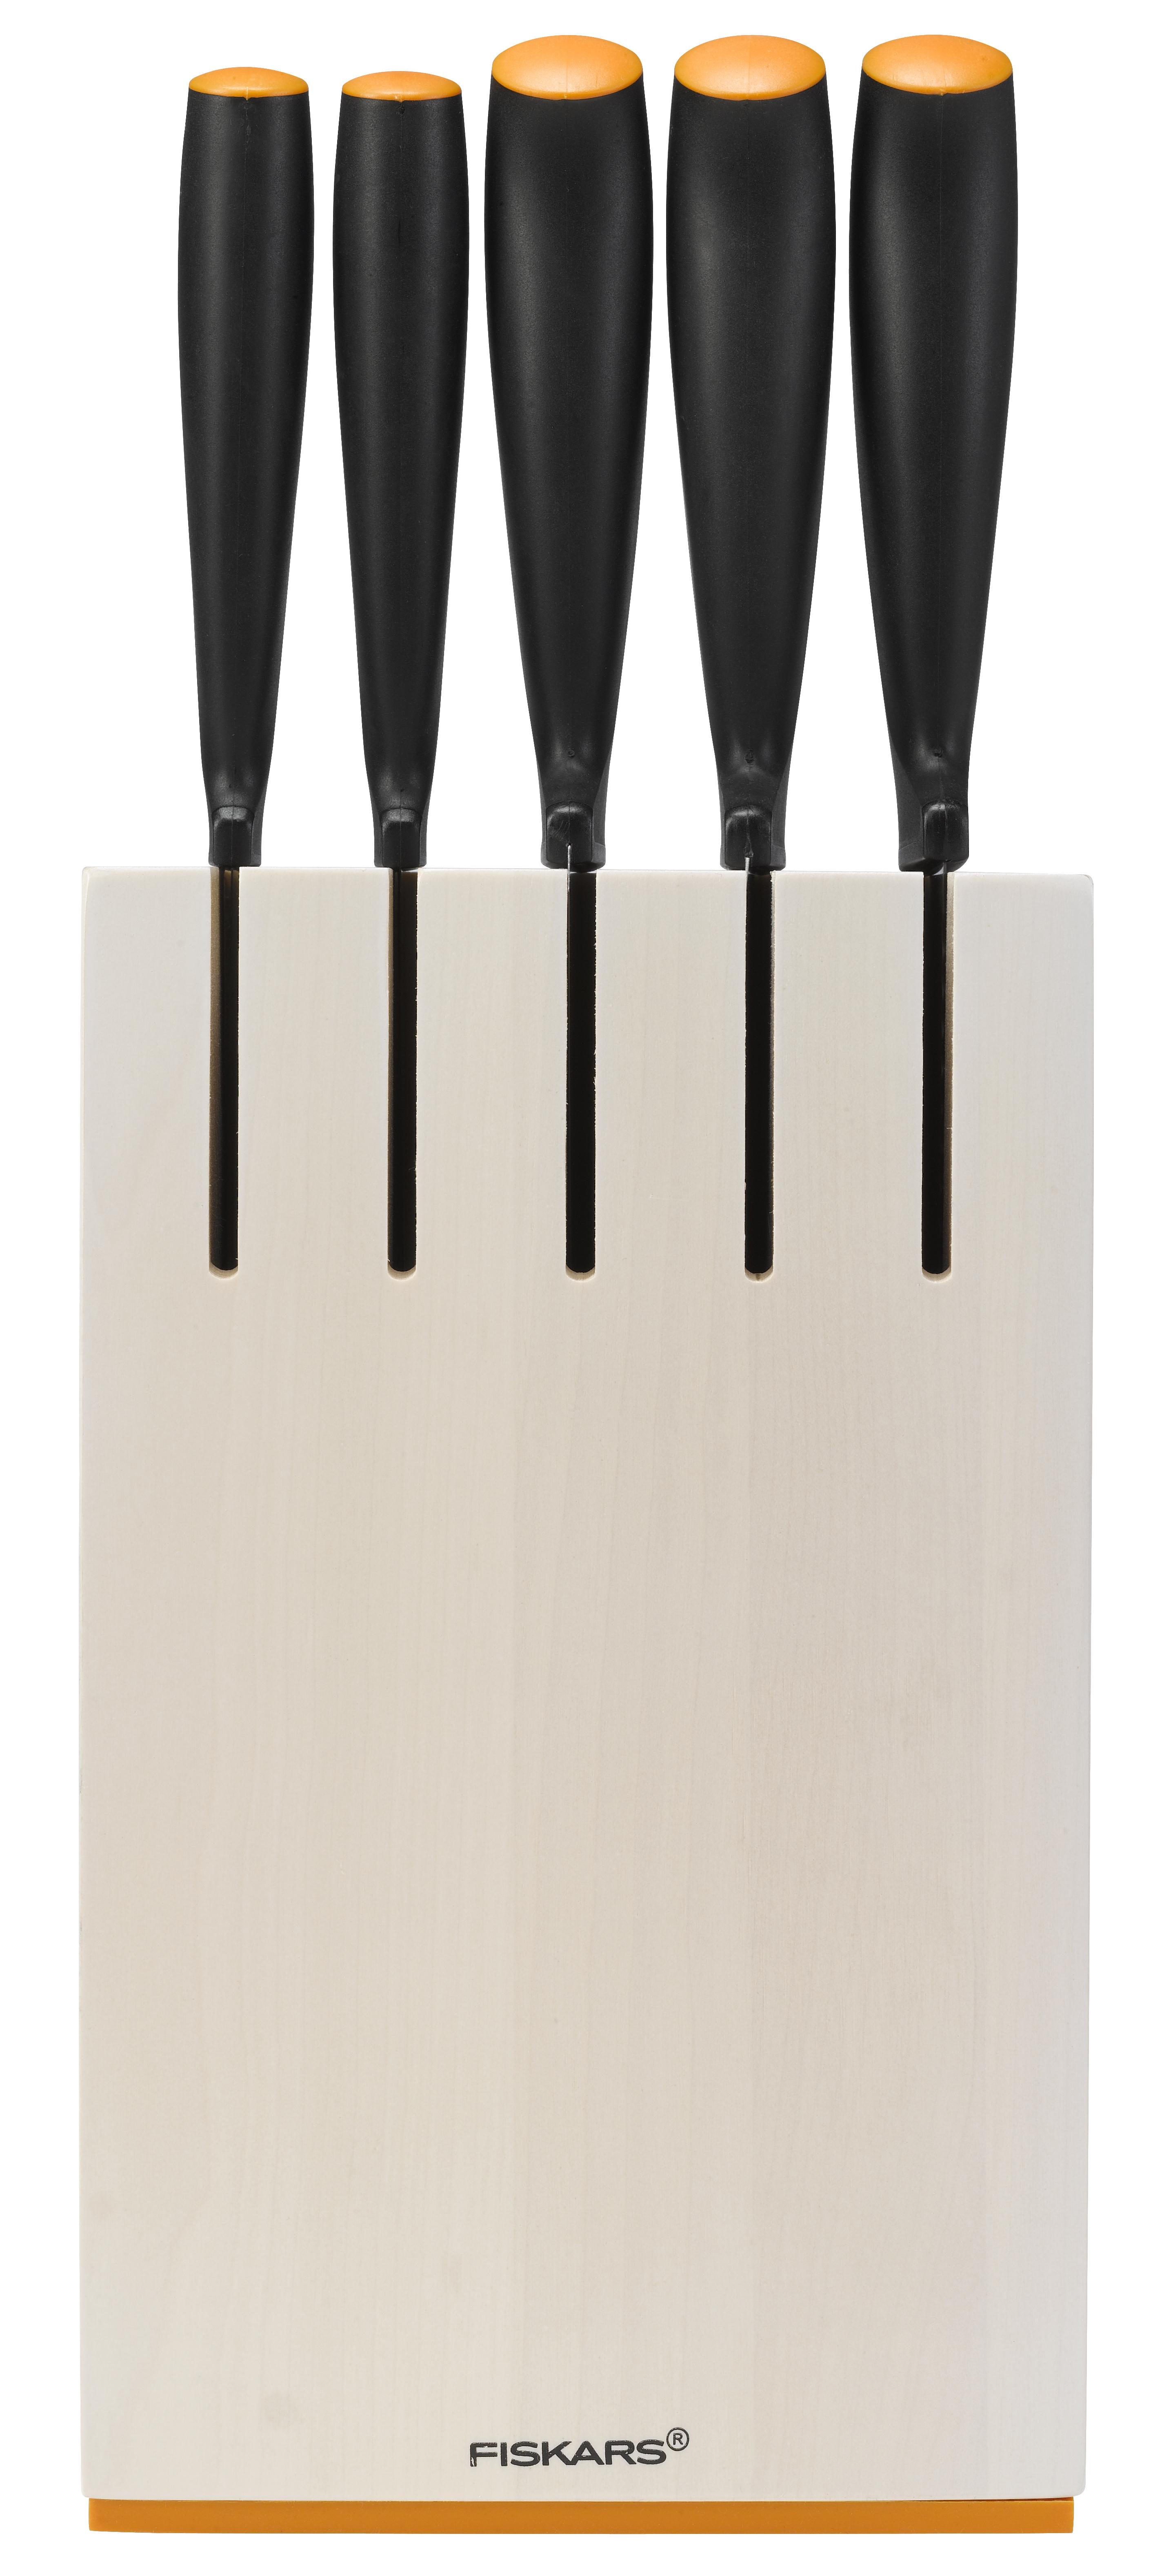 Fiskars Functional Form Knivset 5 Knivar med Knivblock Vit